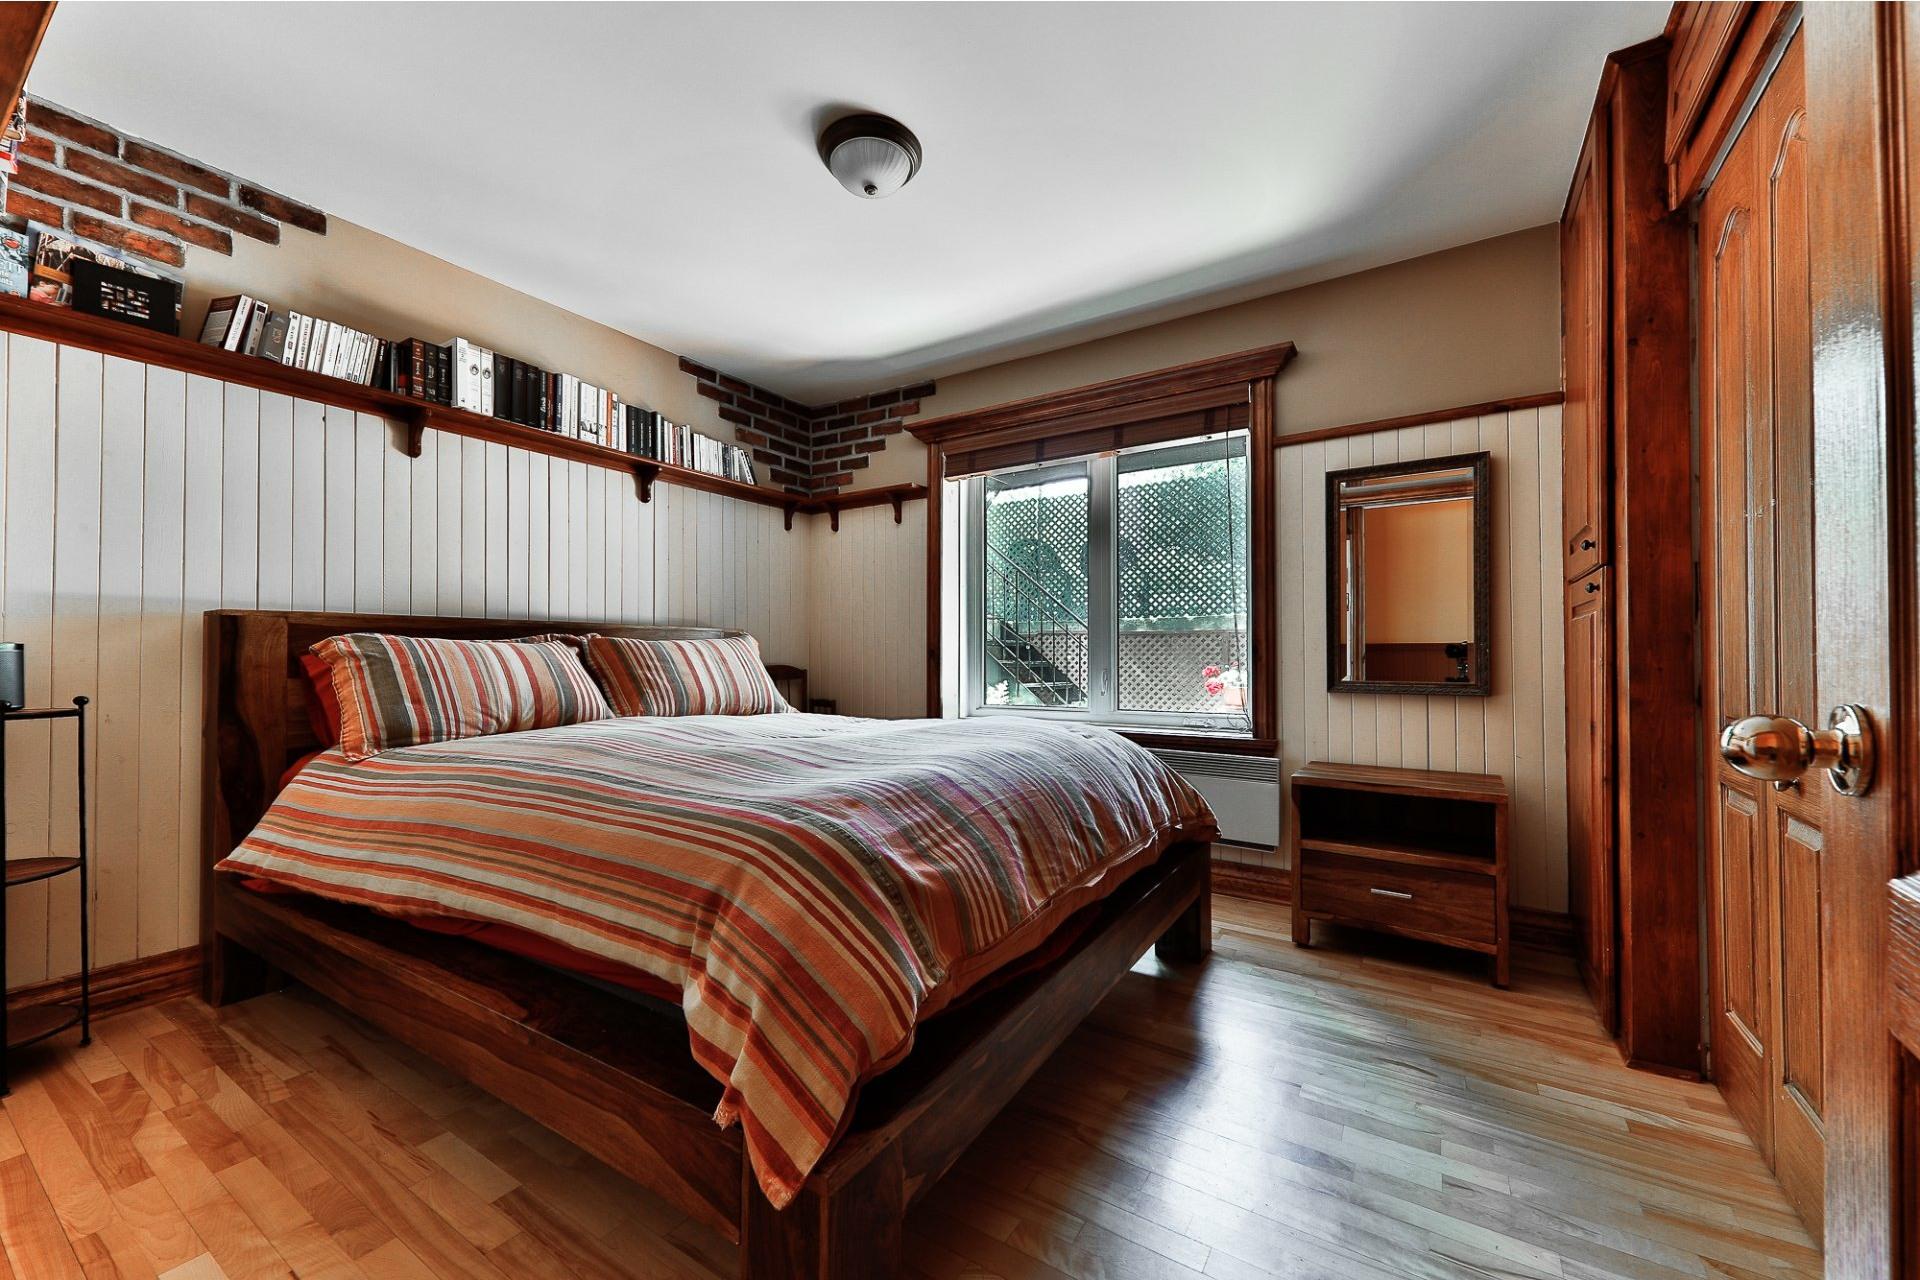 image 10 - Apartment For sale Villeray/Saint-Michel/Parc-Extension Montréal  - 6 rooms